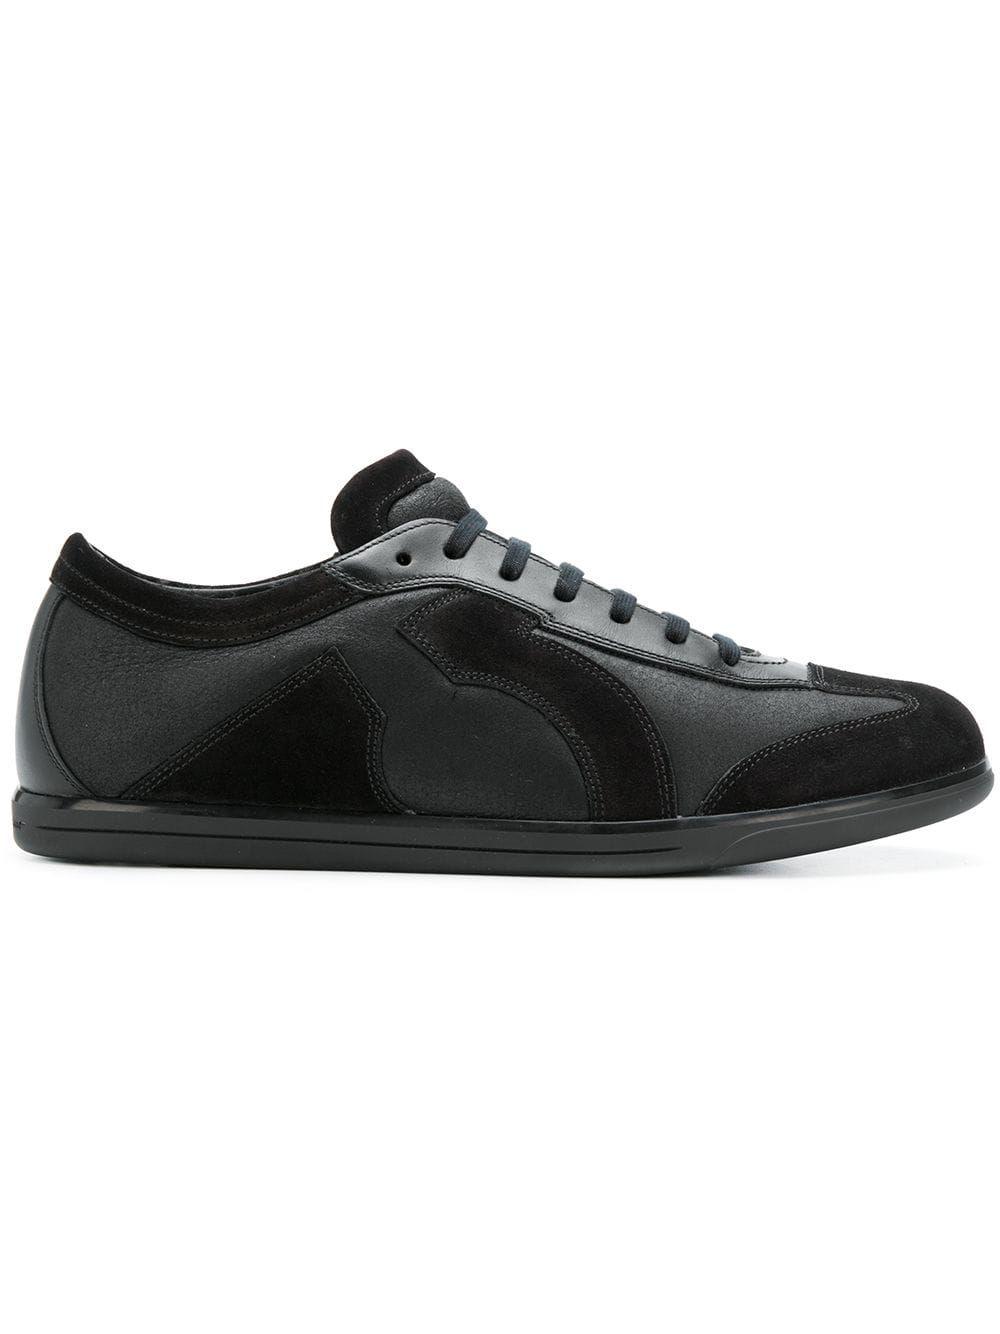 Salvatore Ferragamo low top sneakers Black in 2019